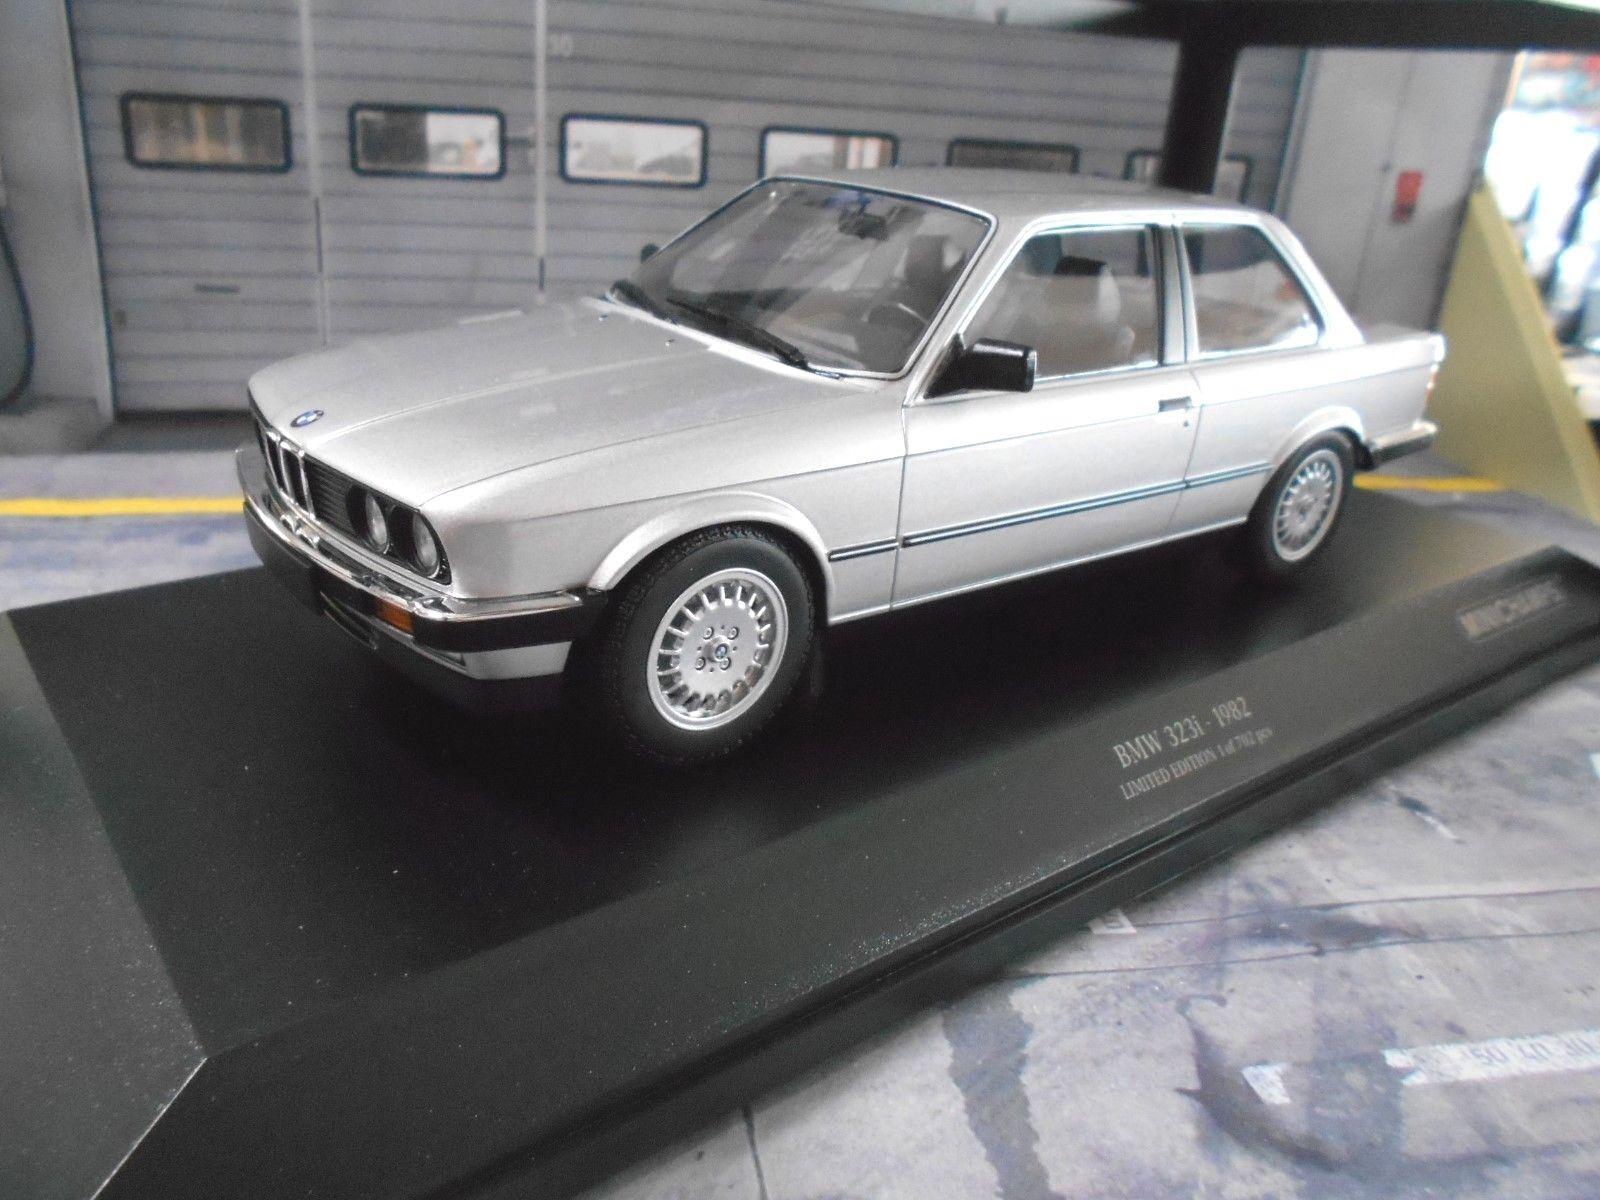 BMW 3er 3 Il Series 323i e30 Limousine Argent 1982 Minichamps 1 18 Miniature